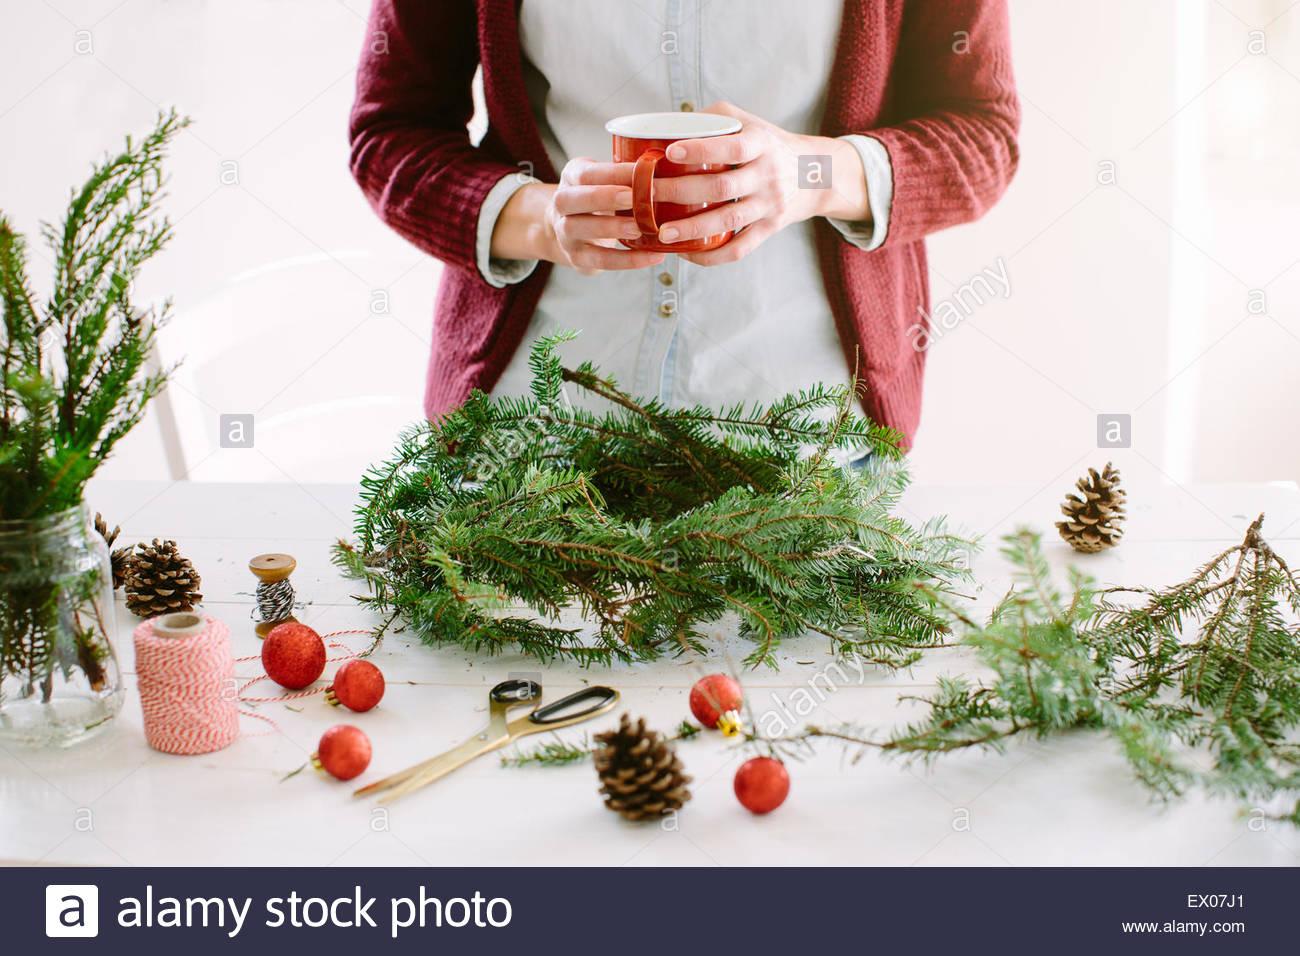 La donna la decorazione ghirlanda di Natale Immagini Stock